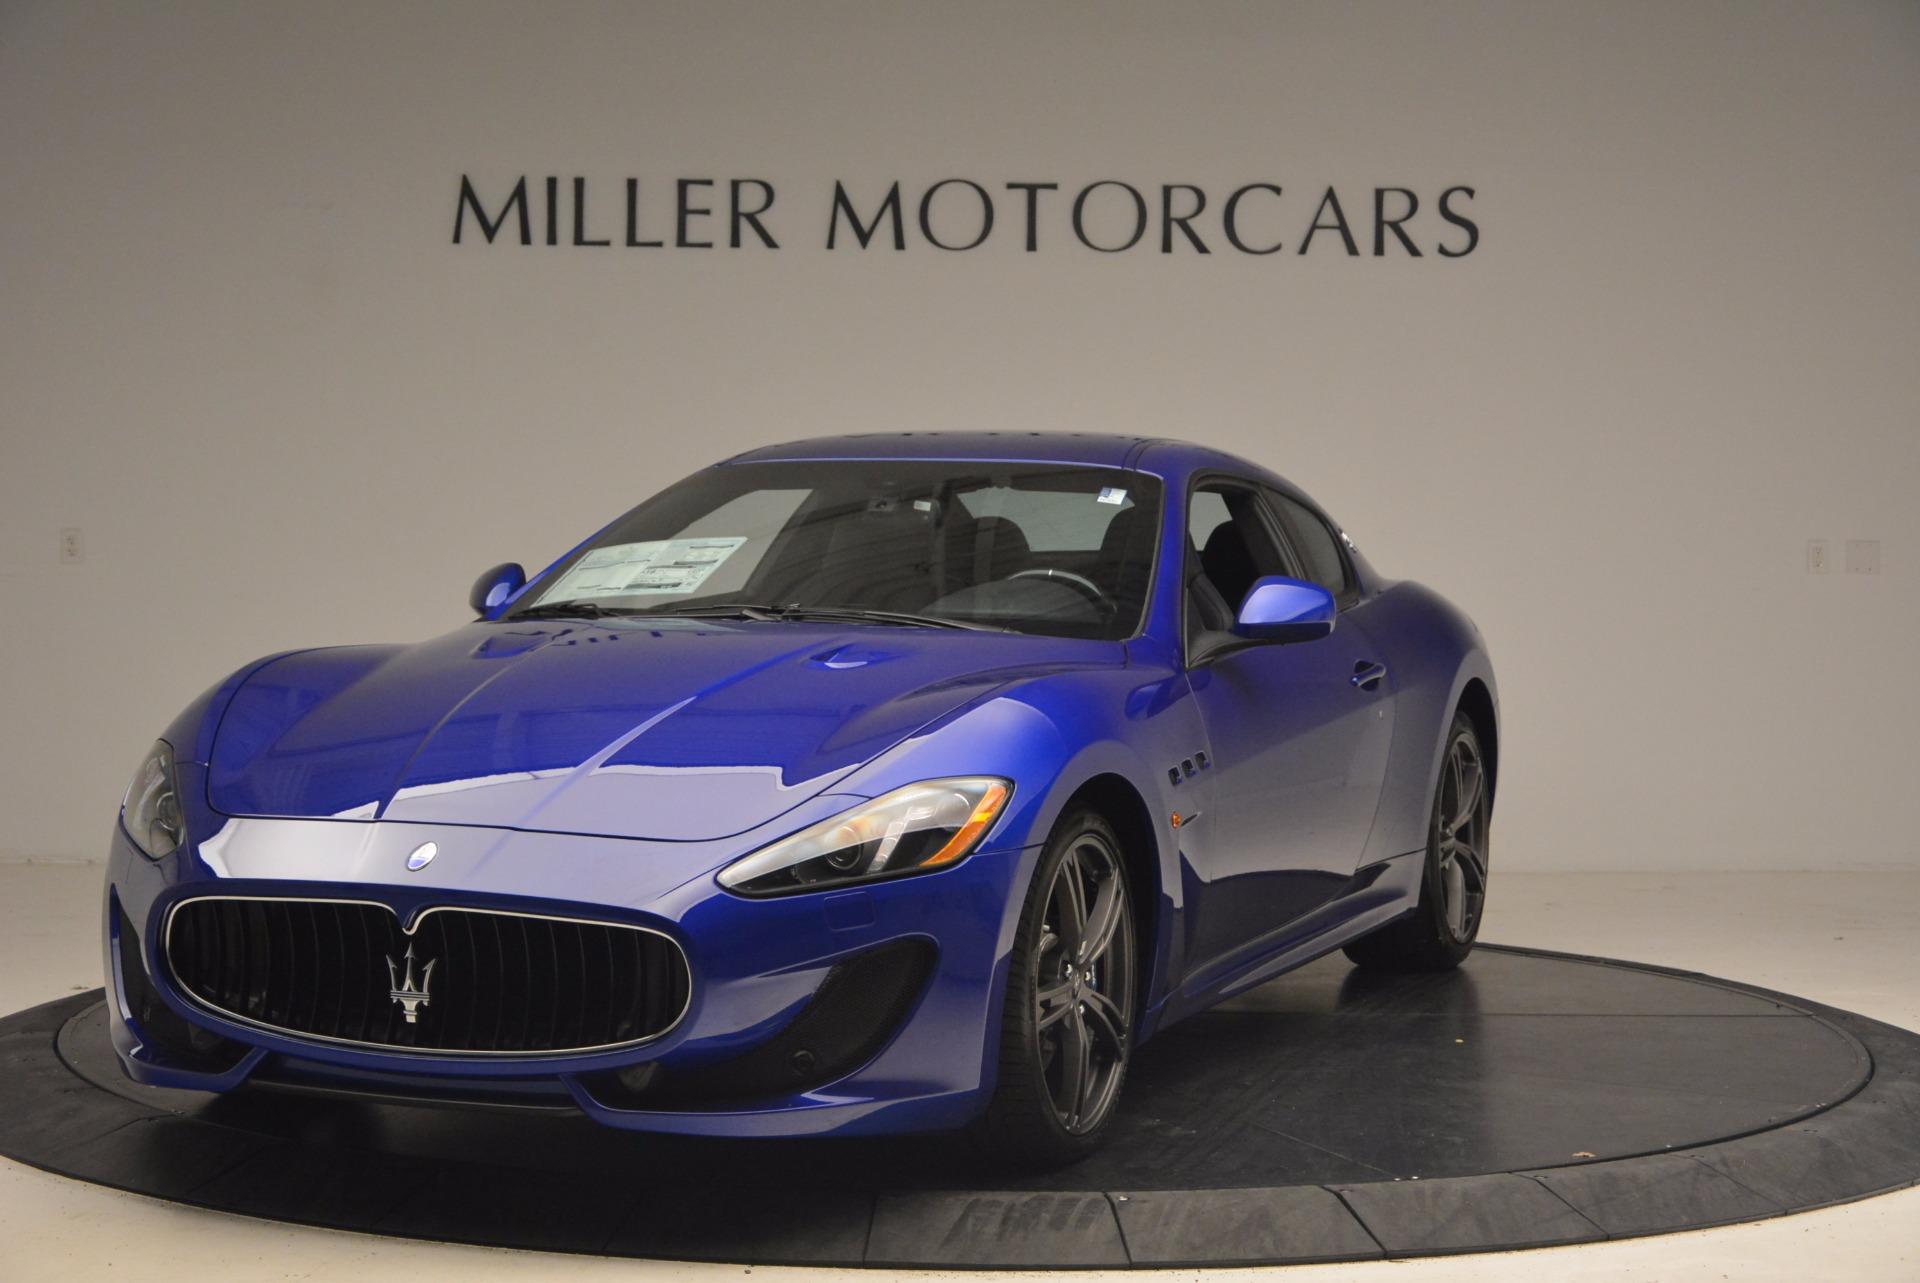 New 2017 Maserati GranTurismo Sport Coupe Special Edition For Sale In Greenwich, CT. Alfa Romeo of Greenwich, M1884 1300_main